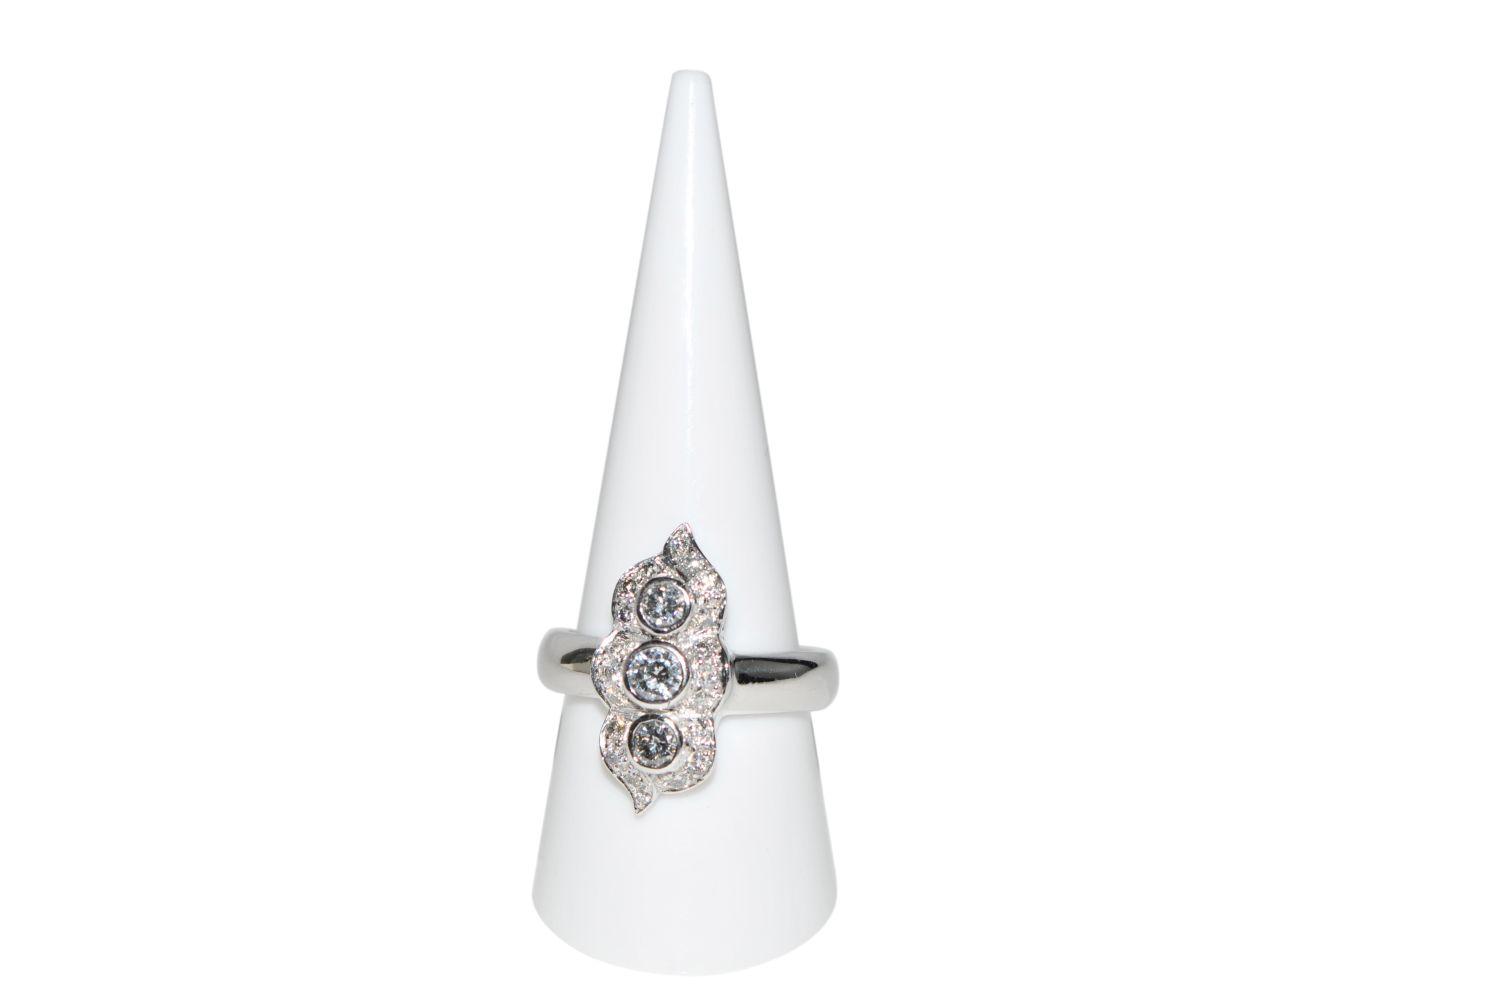 #109 Diamond ring | Diamantring Image